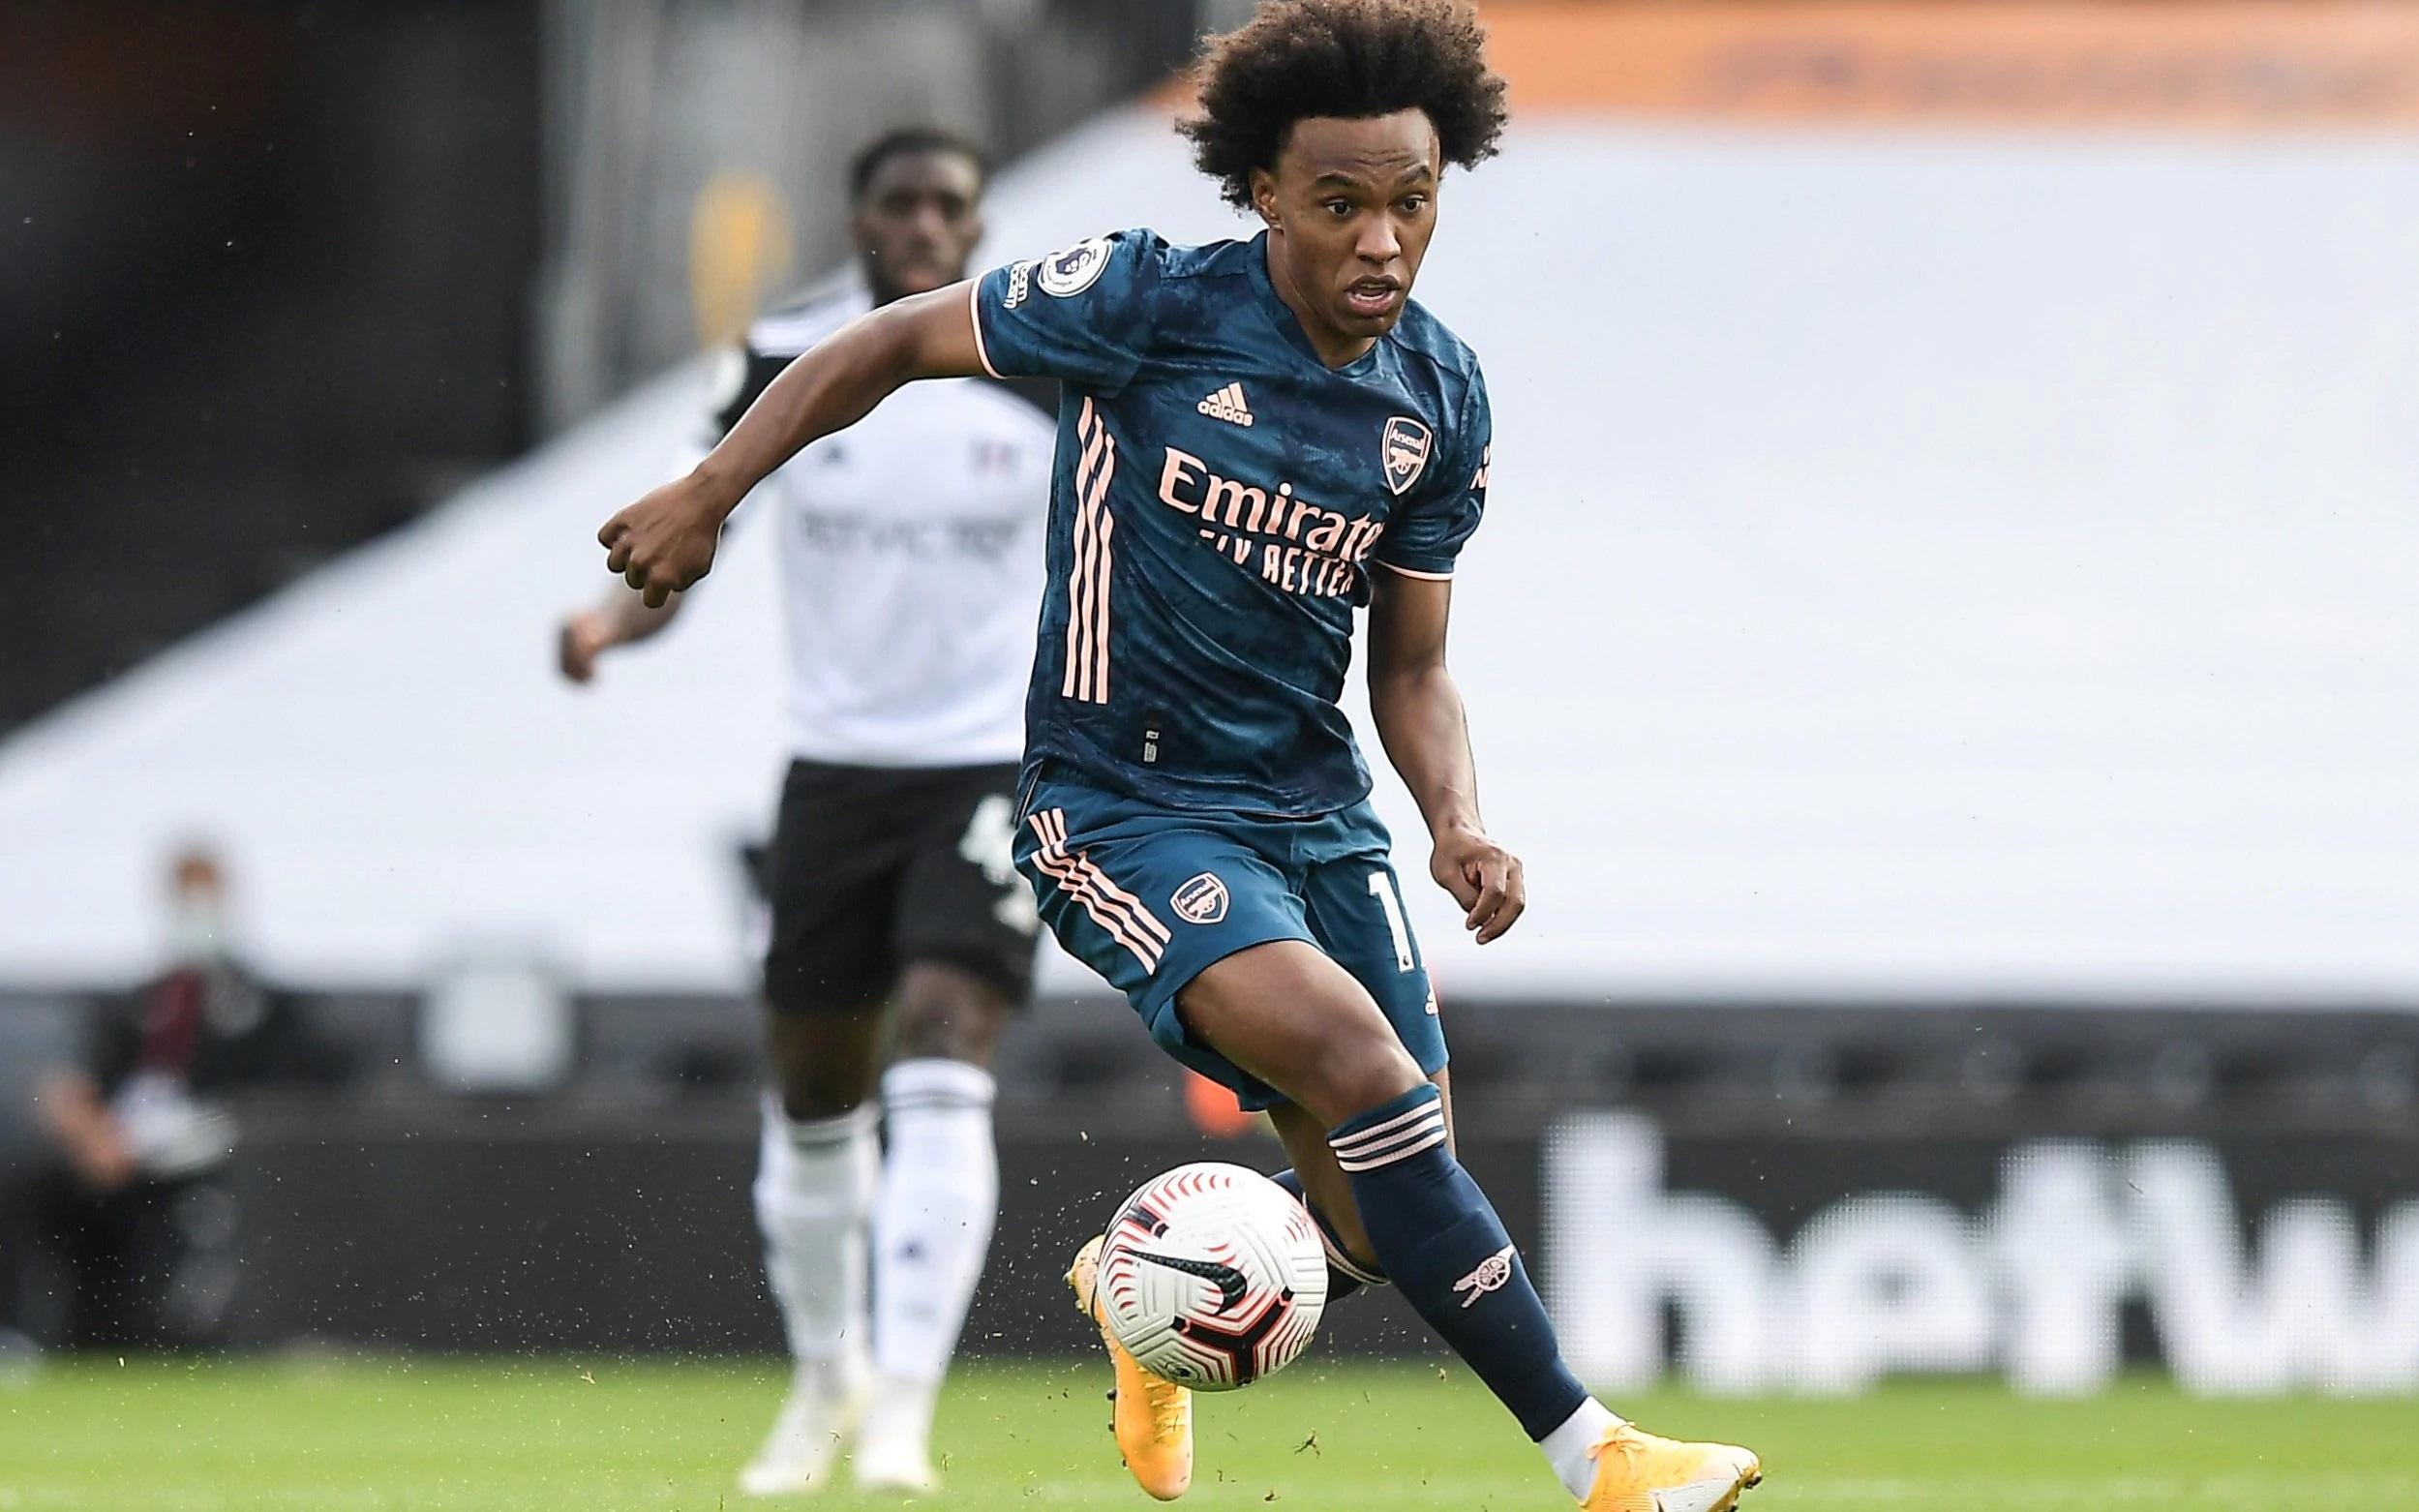 Уилиан коментира евентуален трансфер в Барселона 1